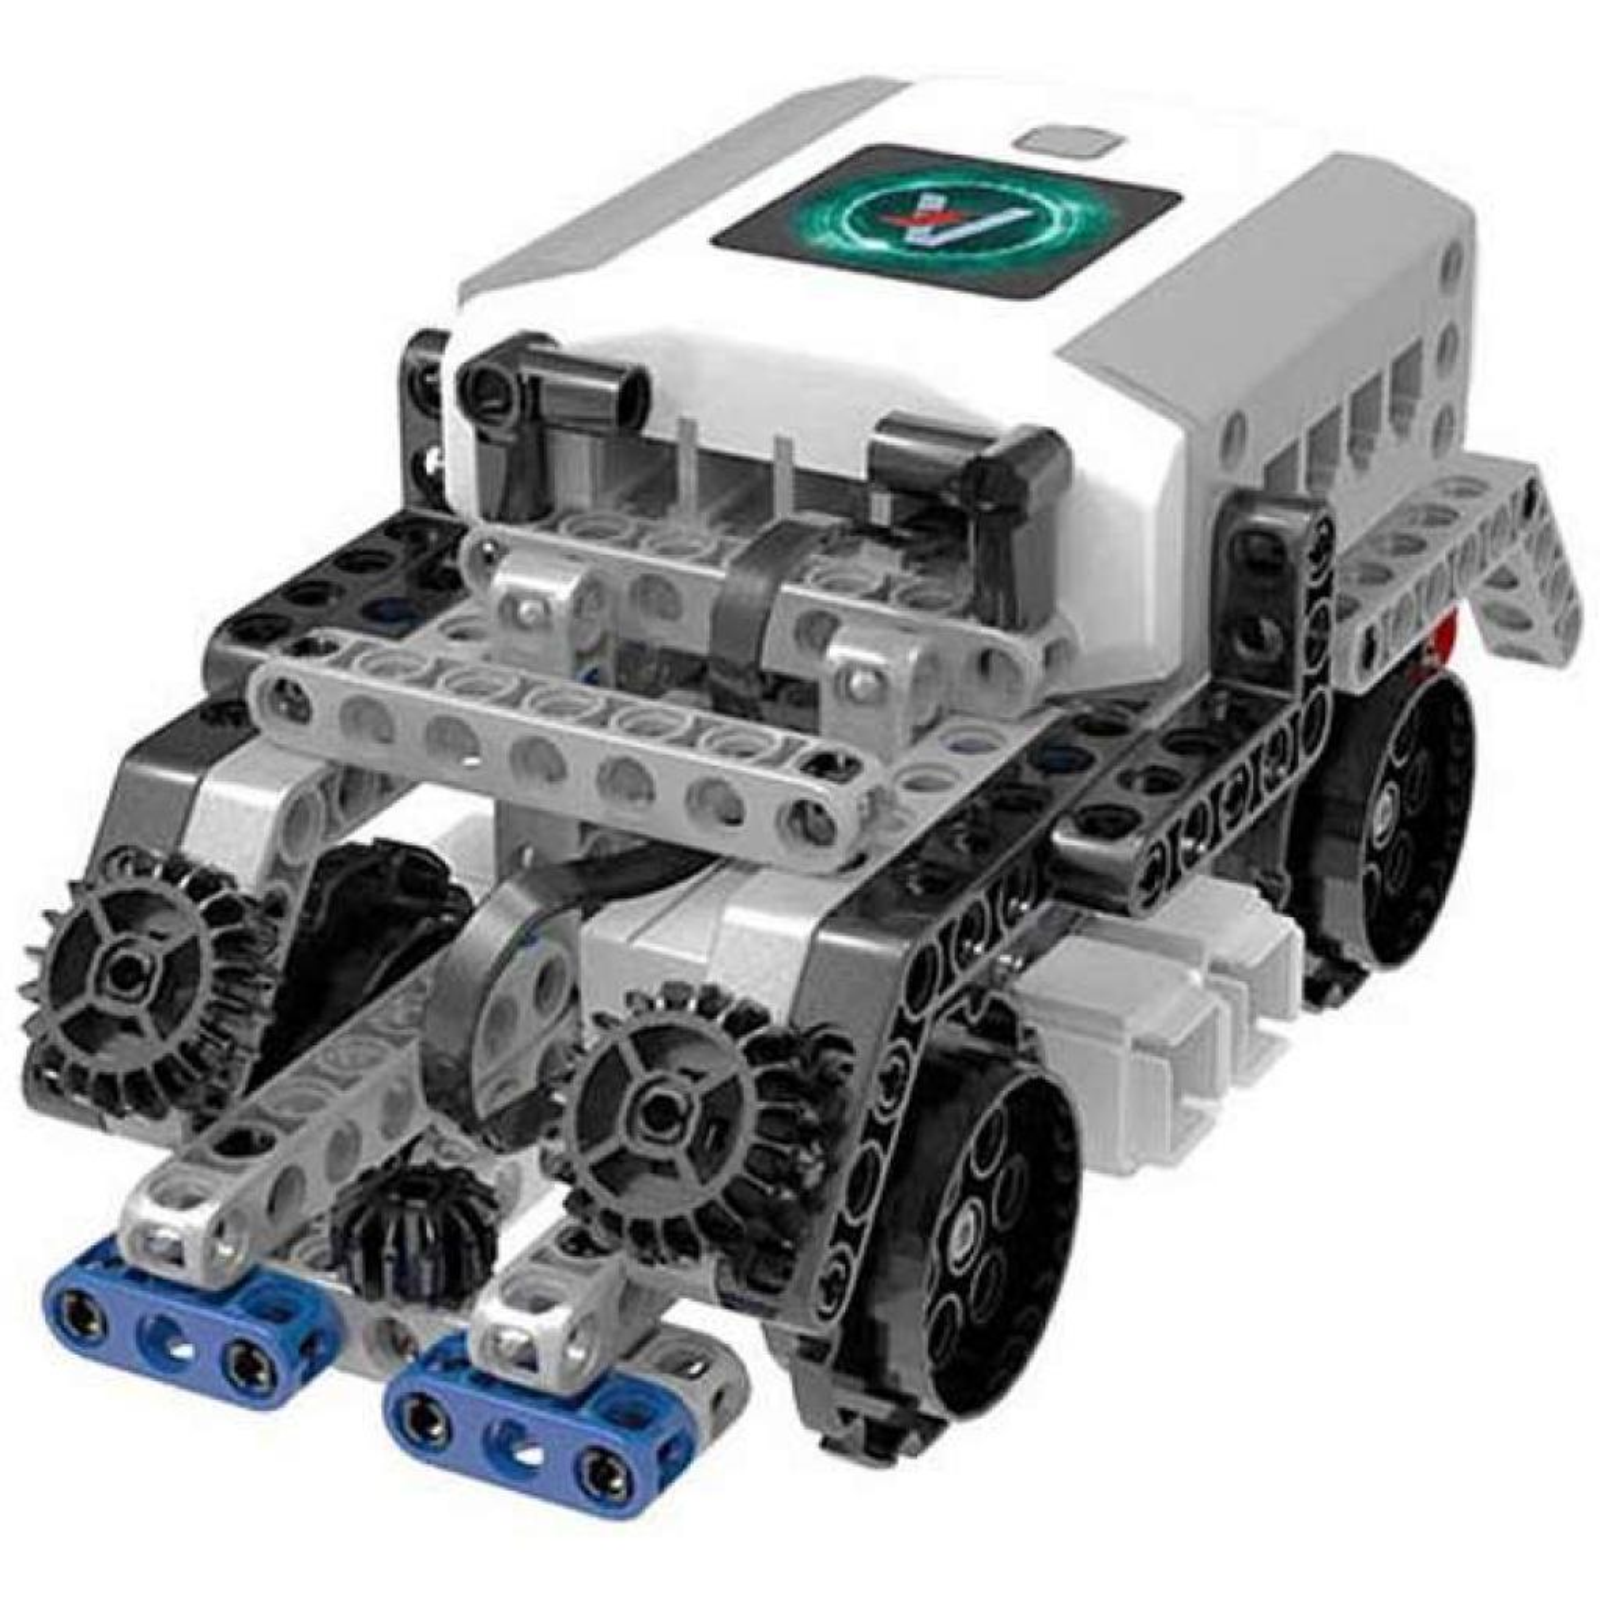 Робот Abilix Krypton 3 (Krypton_3) изображение 4